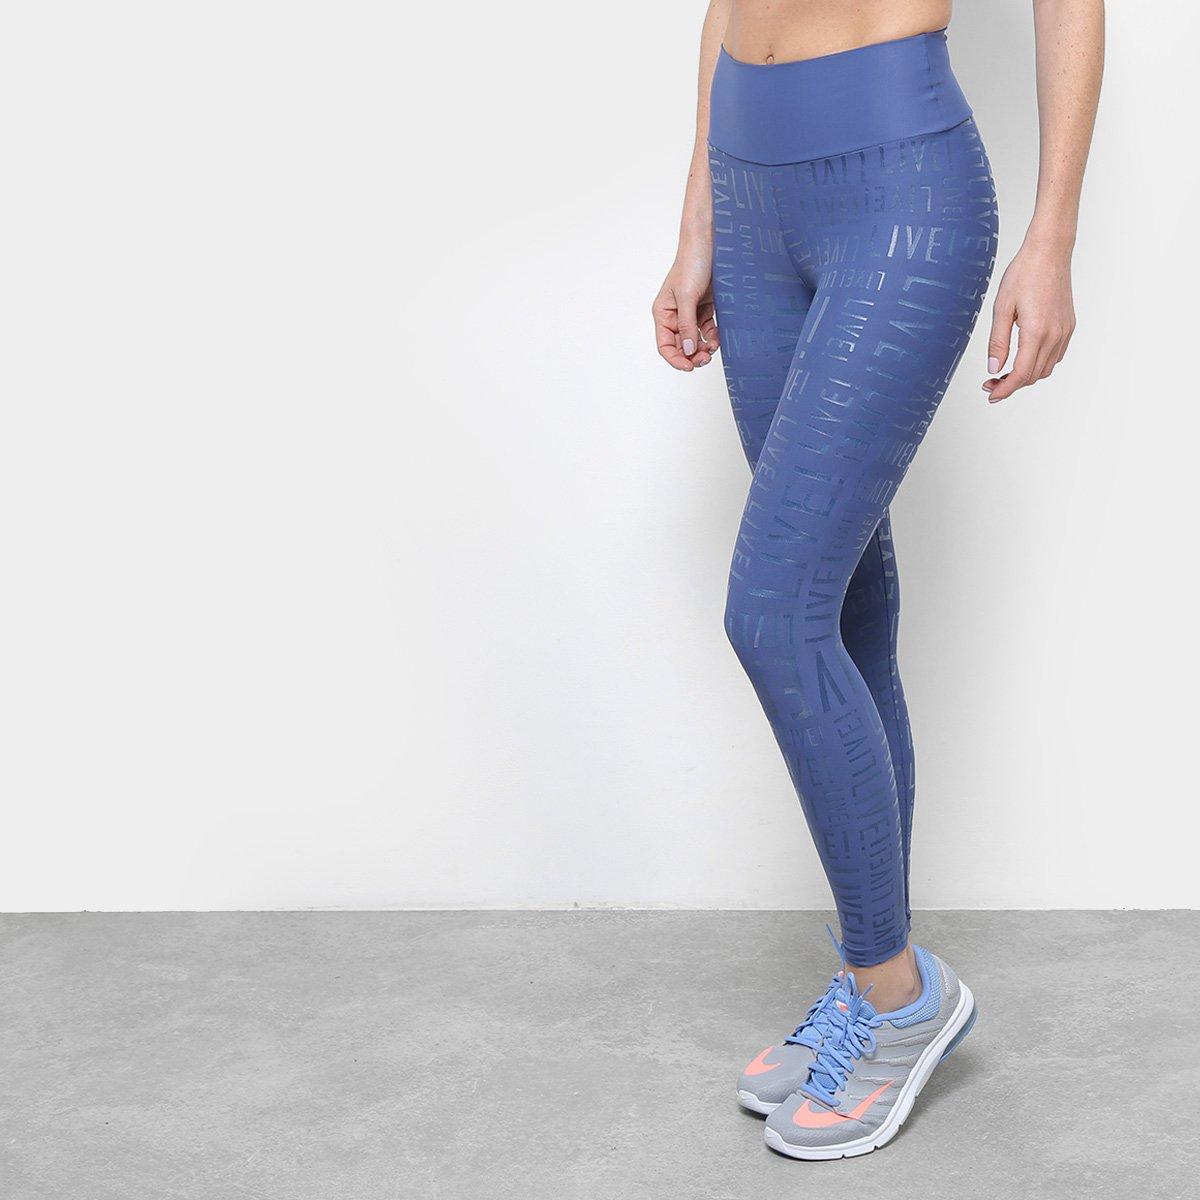 e79b1144a Calça Legging Live! Essential Feminina